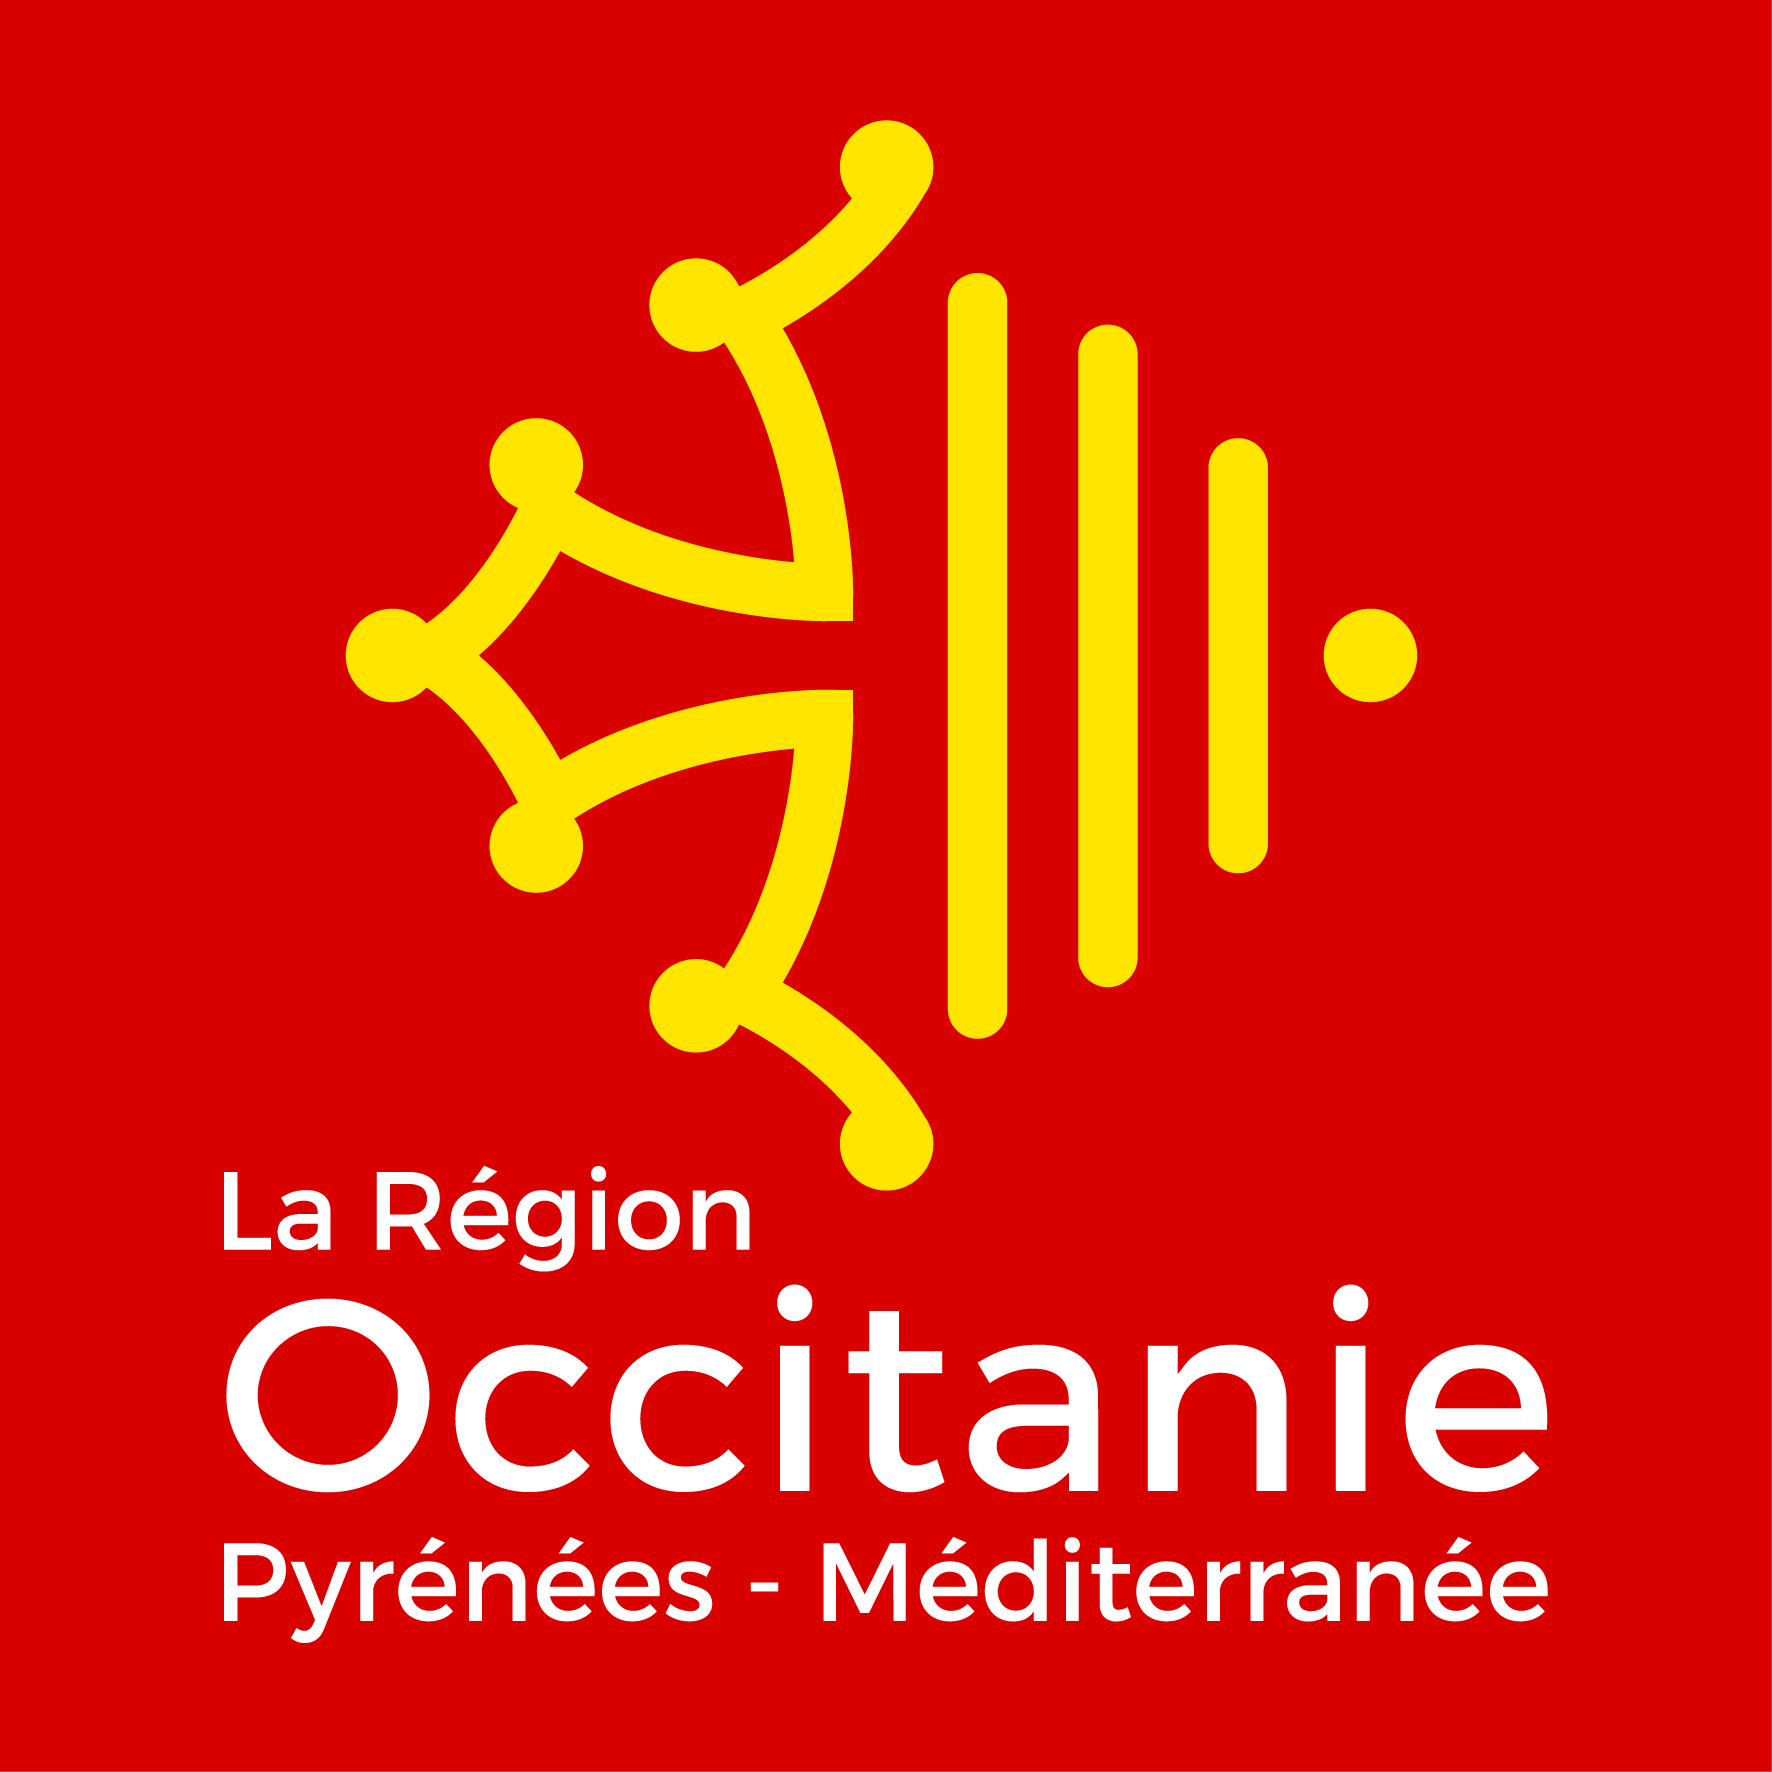 oc-0217-instit-logocarrequadri